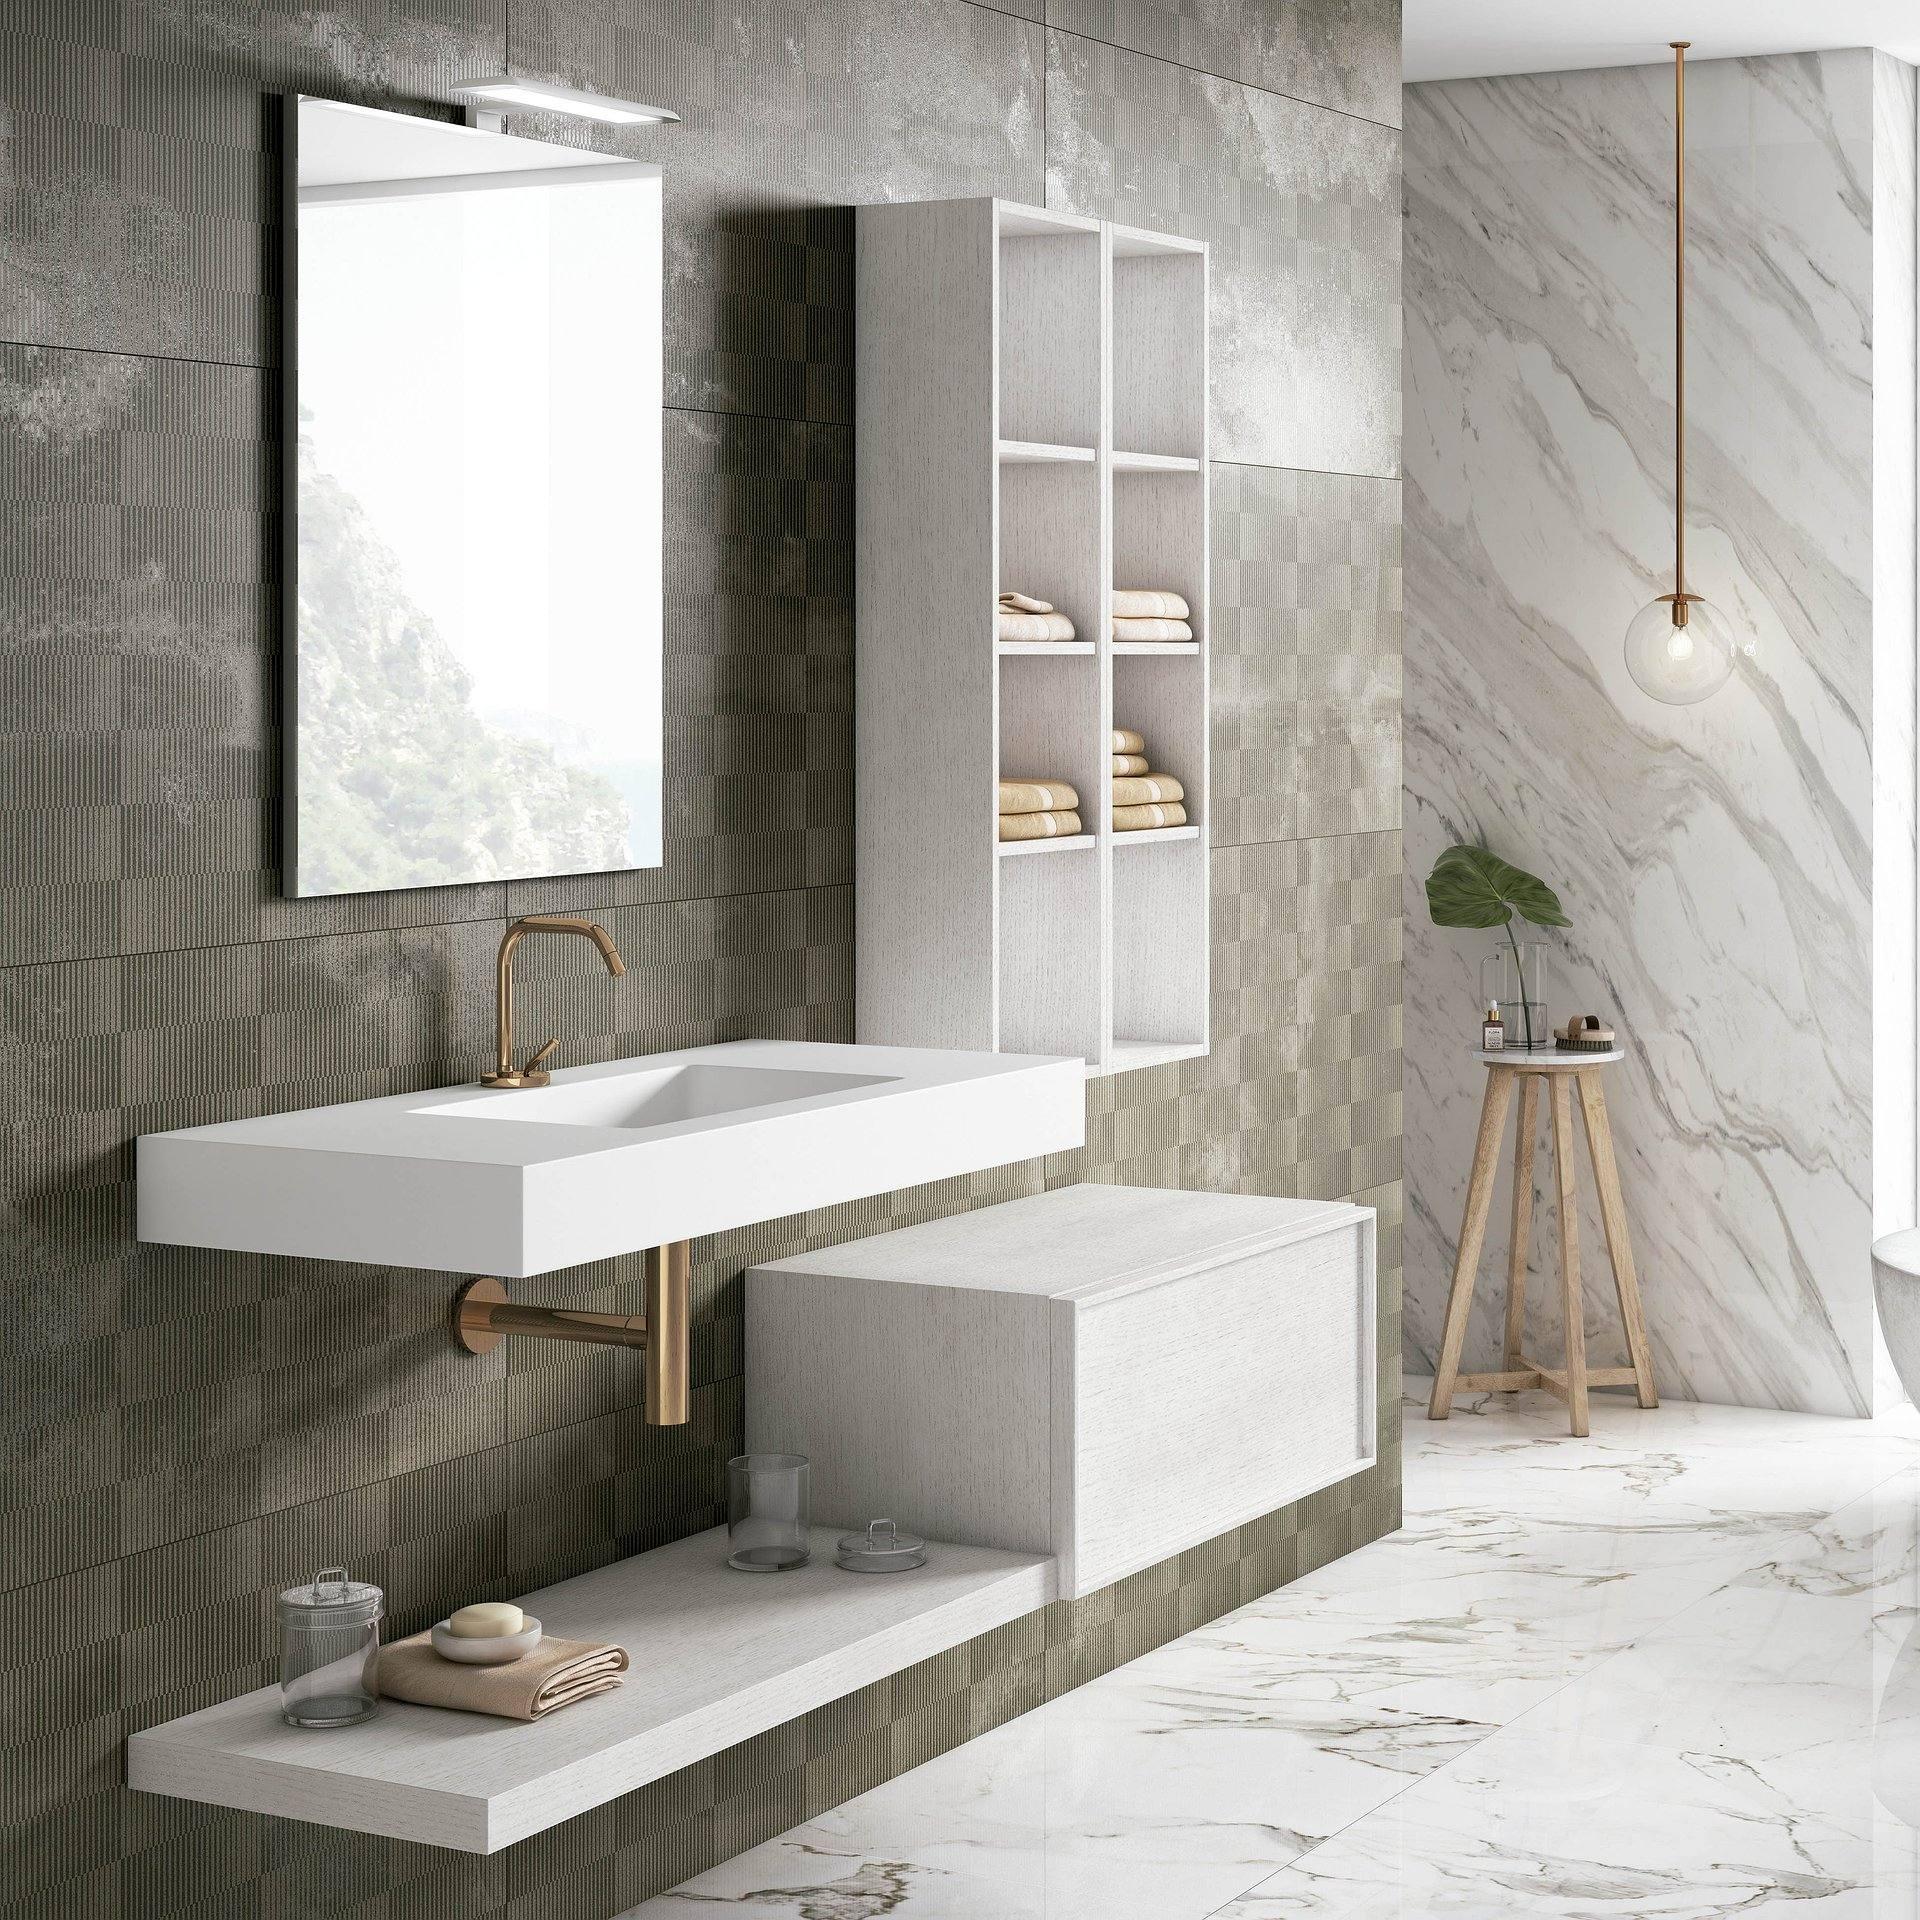 Mueble de baño Viso Bath Altai 2 suspendido 1 cajón ...